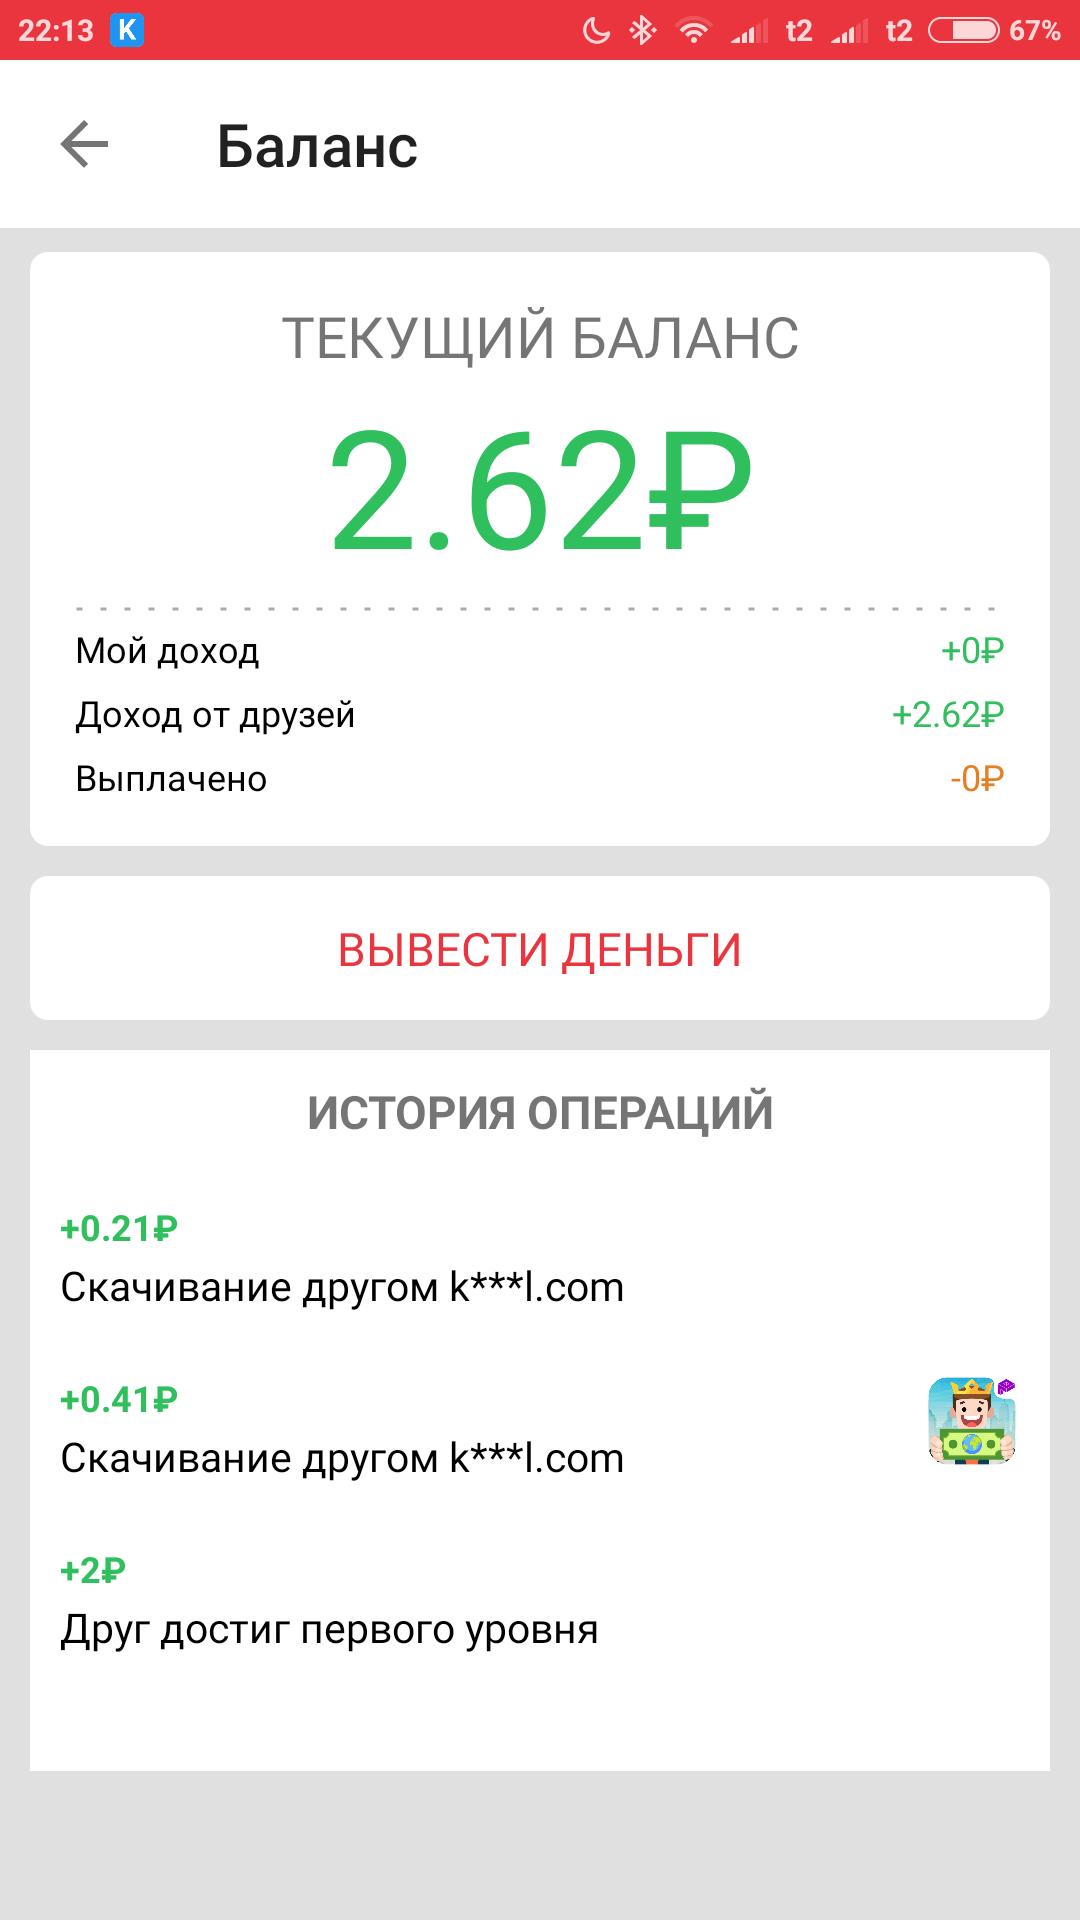 Hogyan lehet pénzt venni a PayPal-ról Oroszországban? - Az elektronikus kereskedelem - 2020